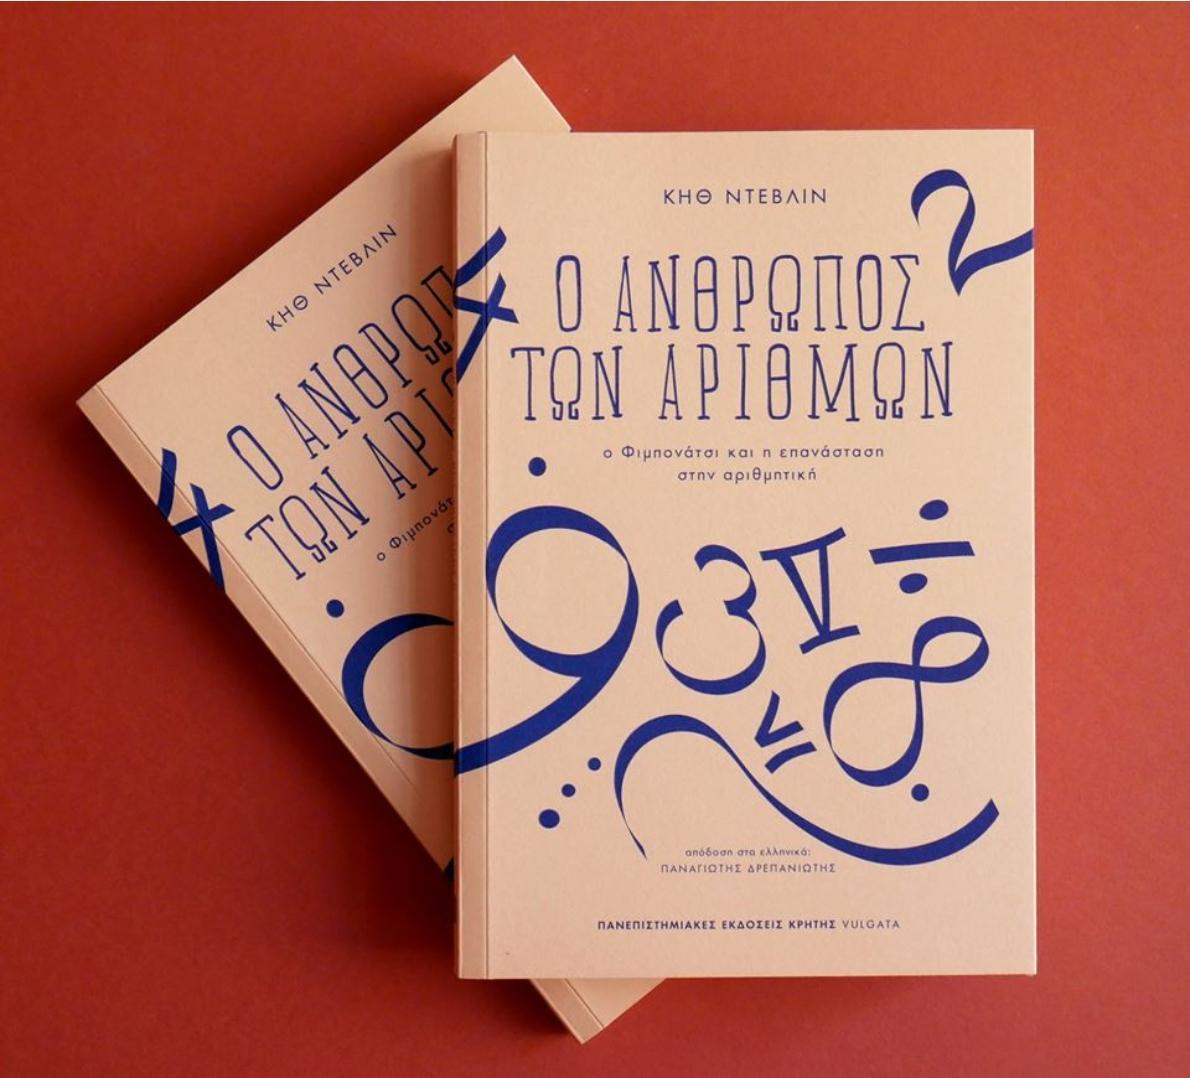 07e1dc9a43 Books II